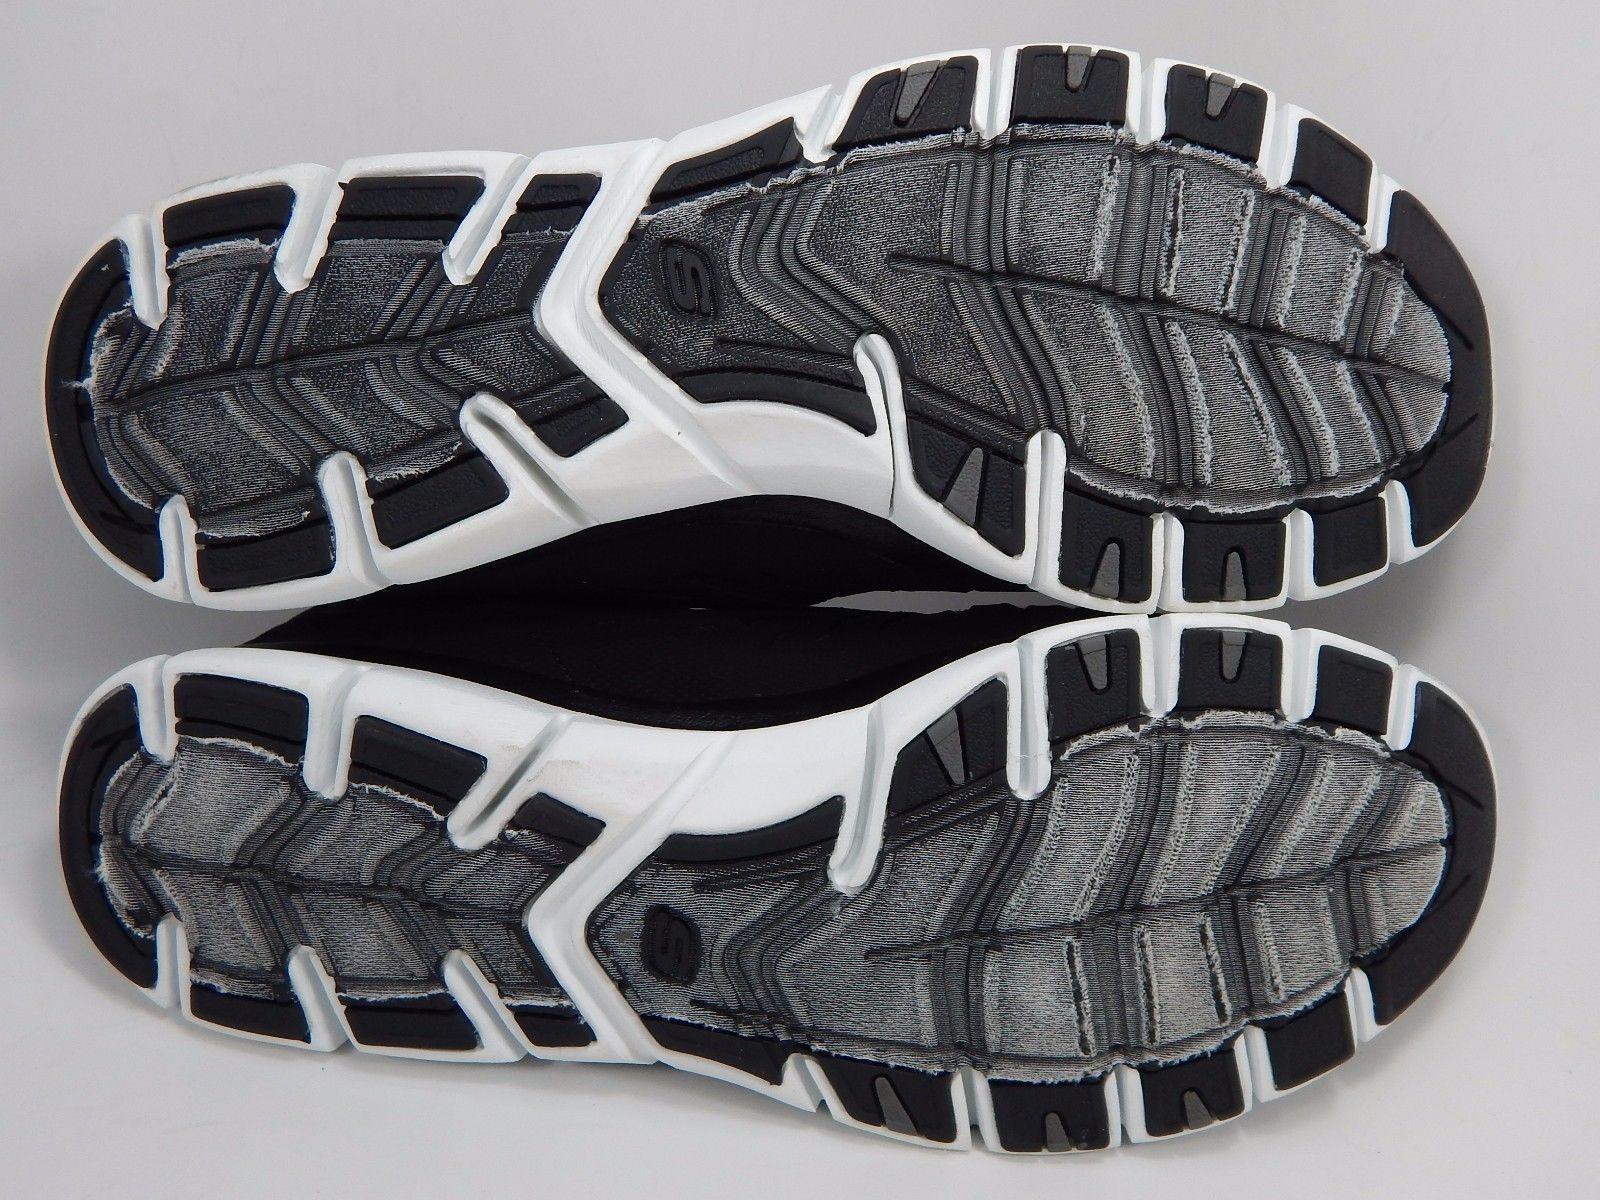 Skechers Gratis On The Road Memory Foam Women's Shoes Sz US 9 D WIDE EU 39 Black